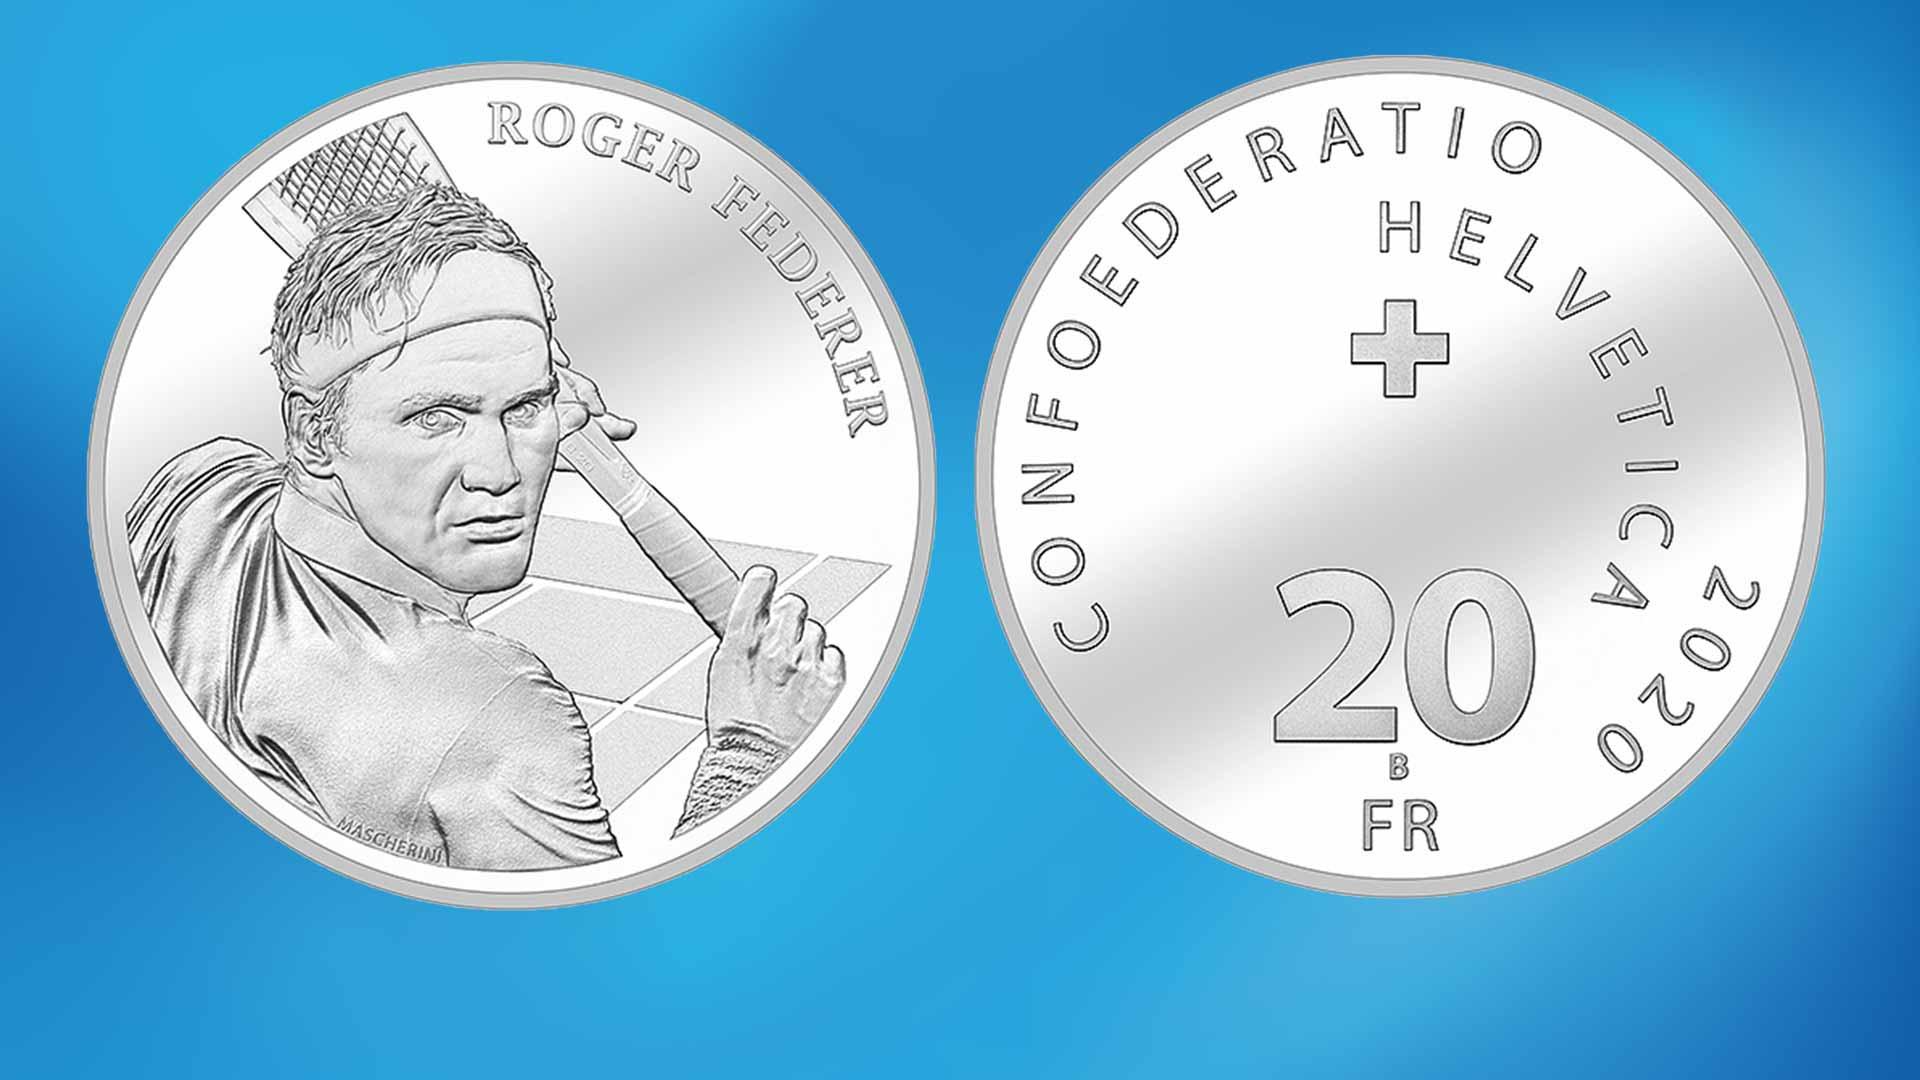 ضرب سکه نقره فام به افتخار راجر فدرر